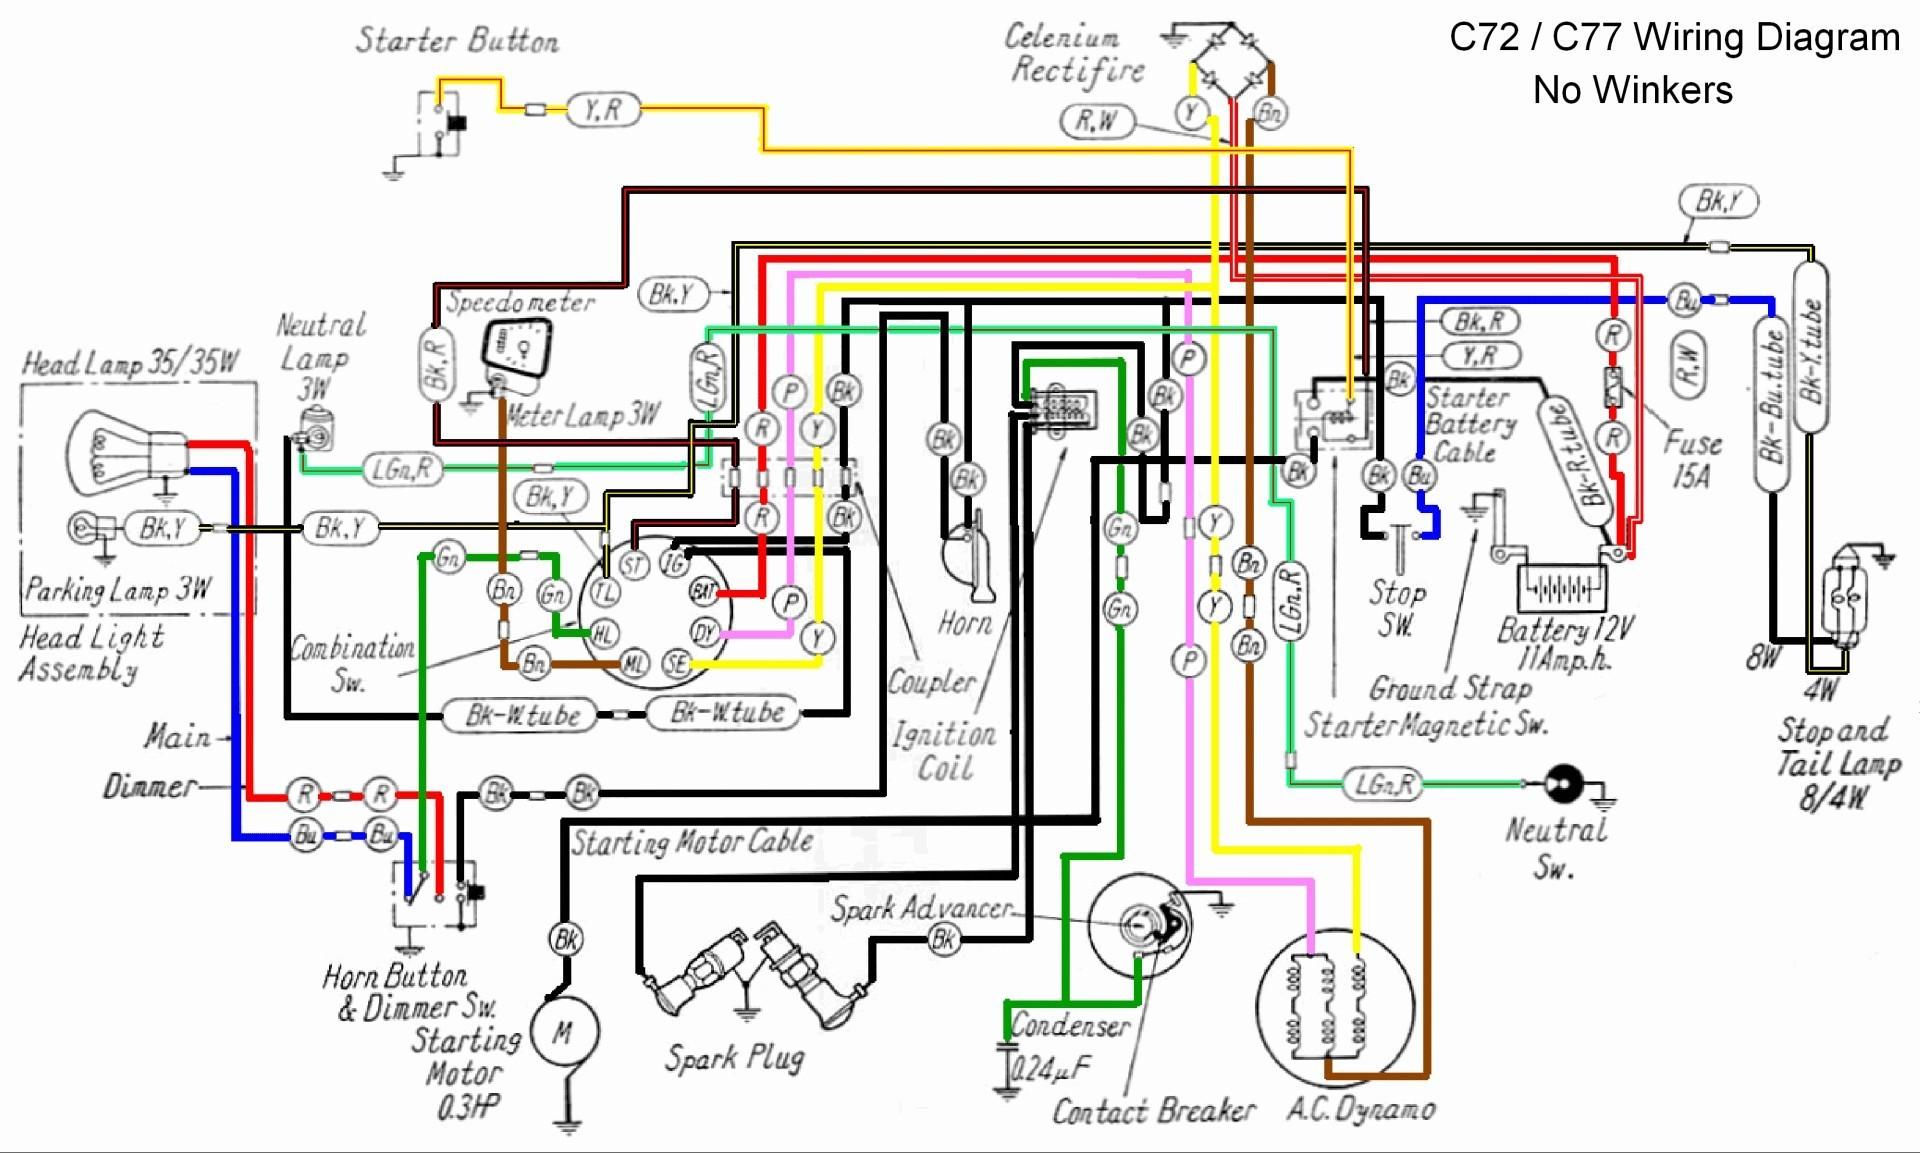 Gx390 Wiring Diagram - 2008 Nissan Frontier Wiring Diagram for Wiring  Diagram Schematics | Gx390 Wiring Diagram |  | Wiring Diagram Schematics